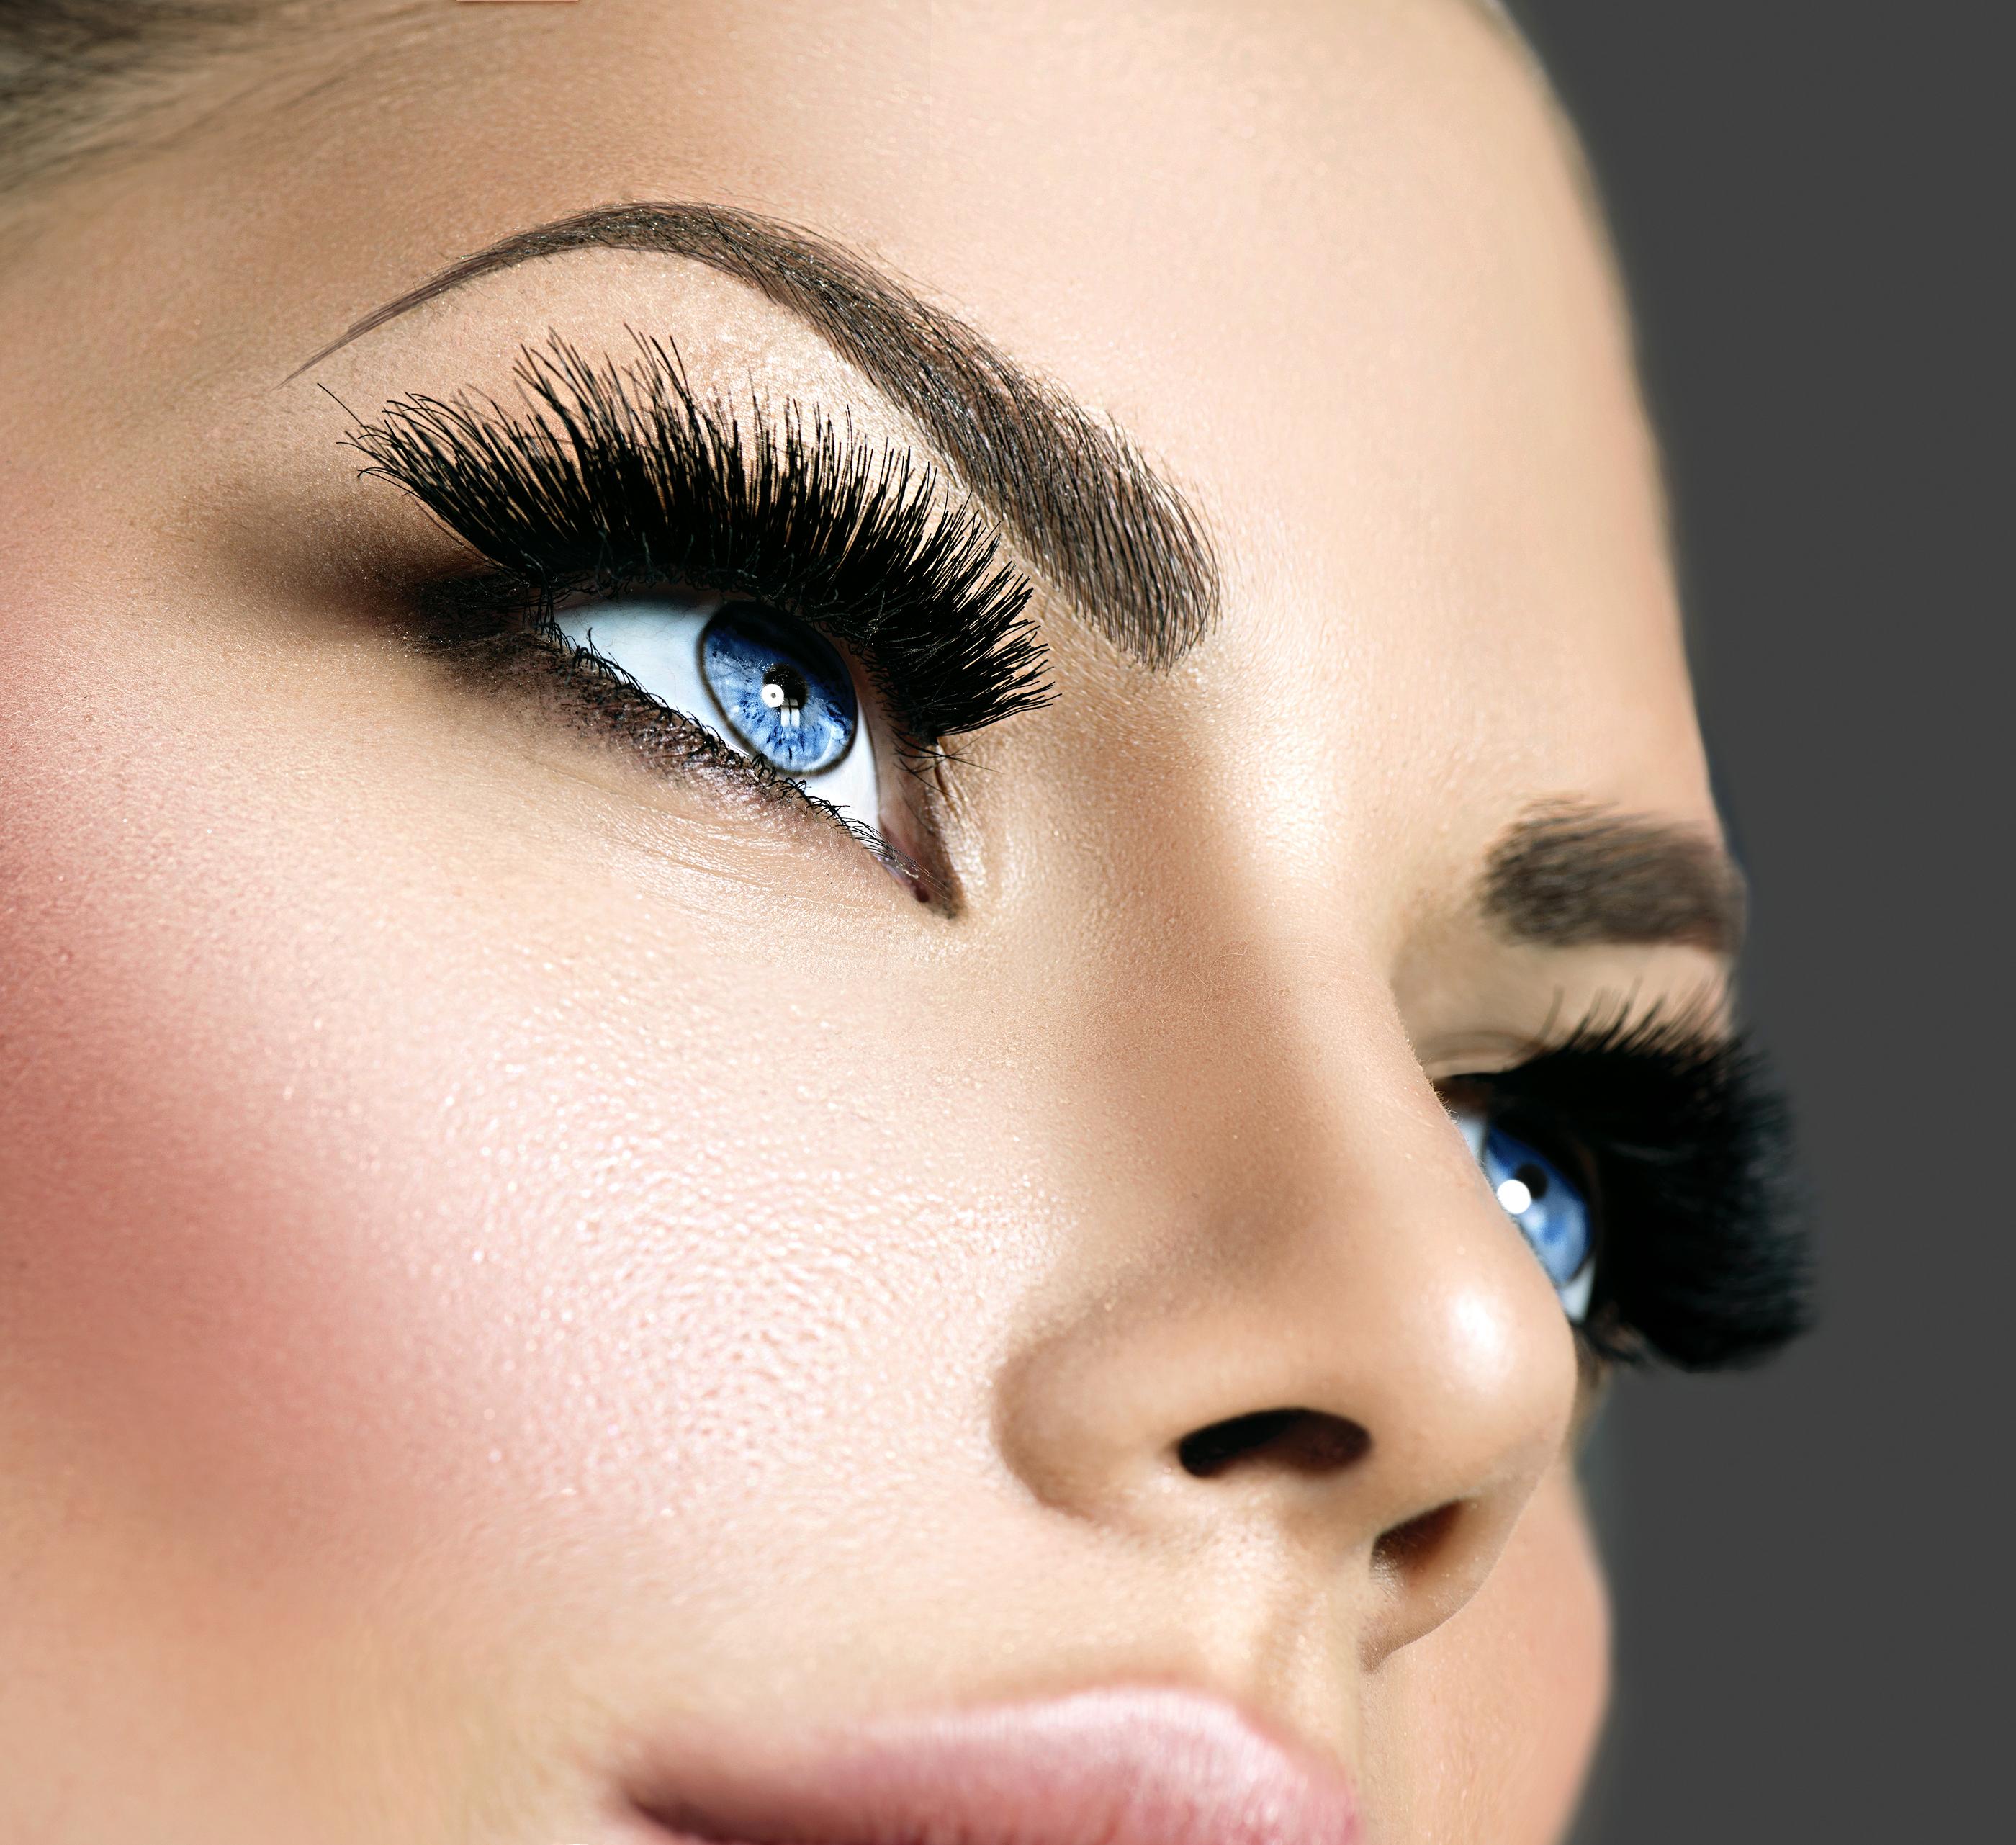 bigstock-Beauty-face-makeup-Make-up-E-74238088.jpg